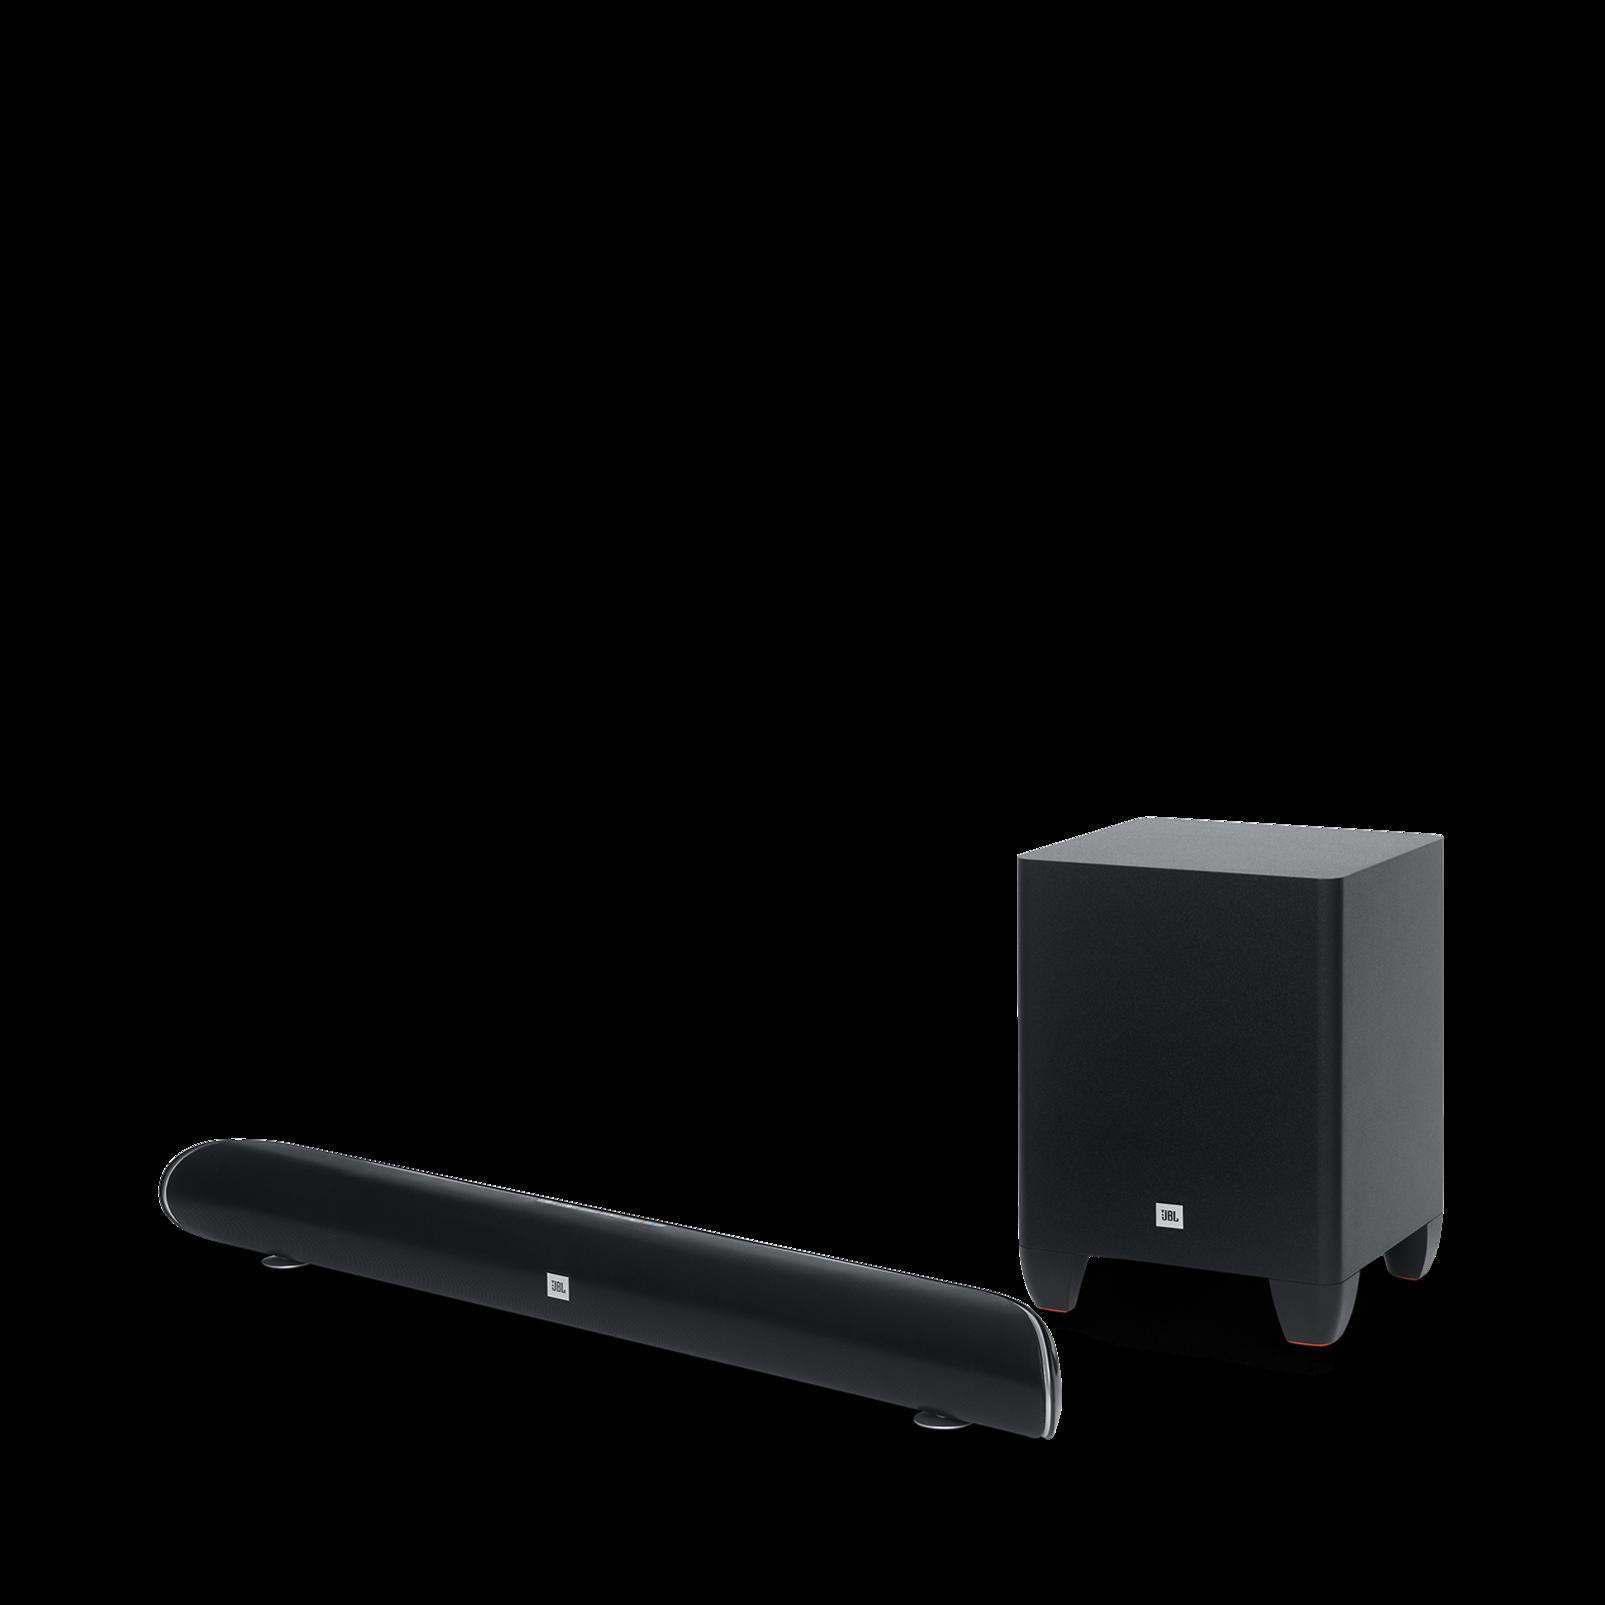 Cinema SB250 | 200W home cinema soundbar with wireless subwoofer and ...